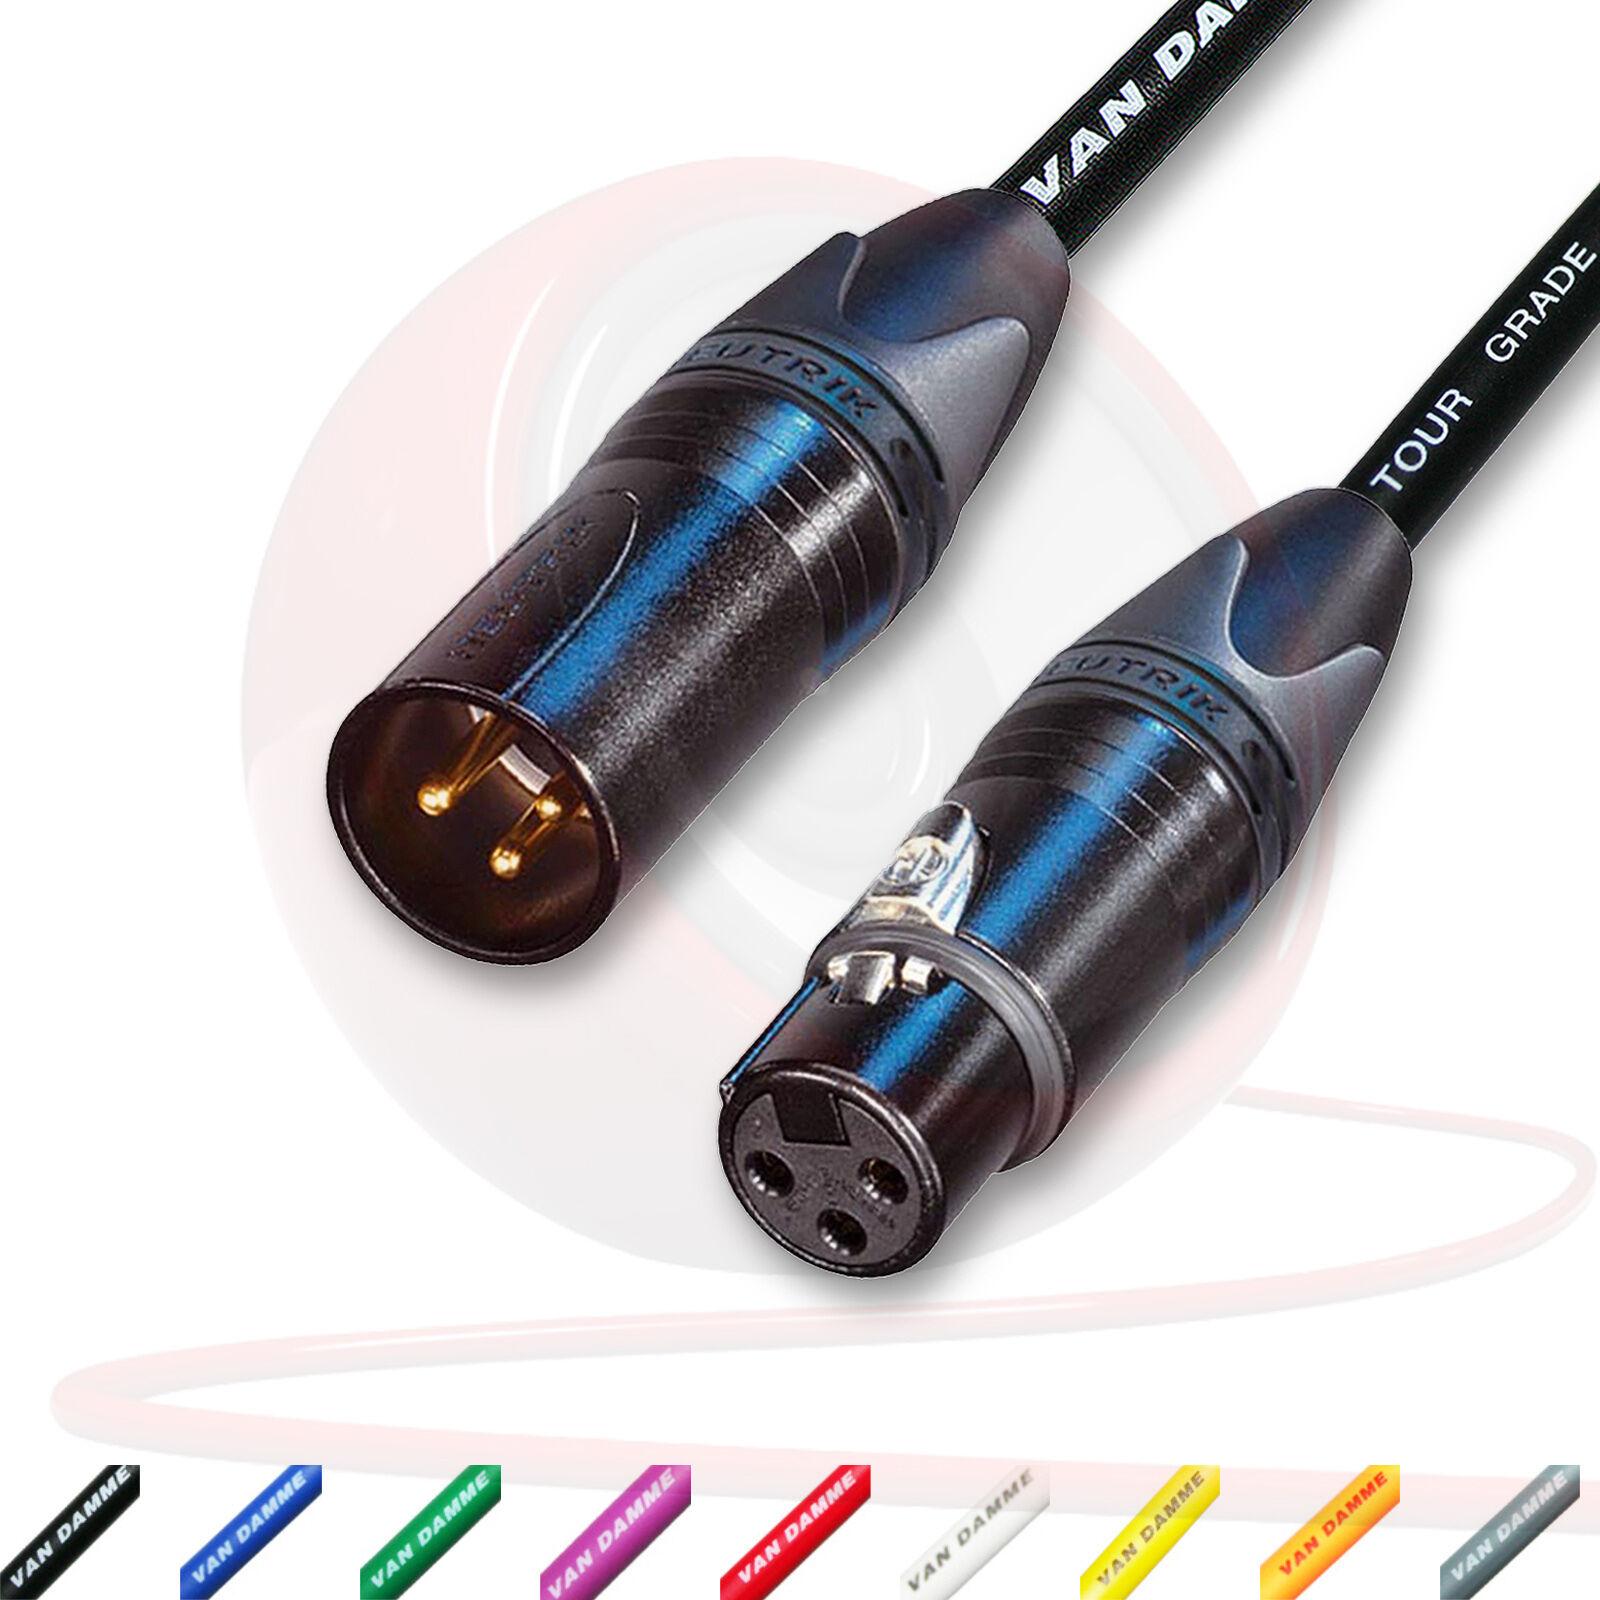 Rel Mj Acoustics 3 Wire Sub Speaker Cable Neutrik